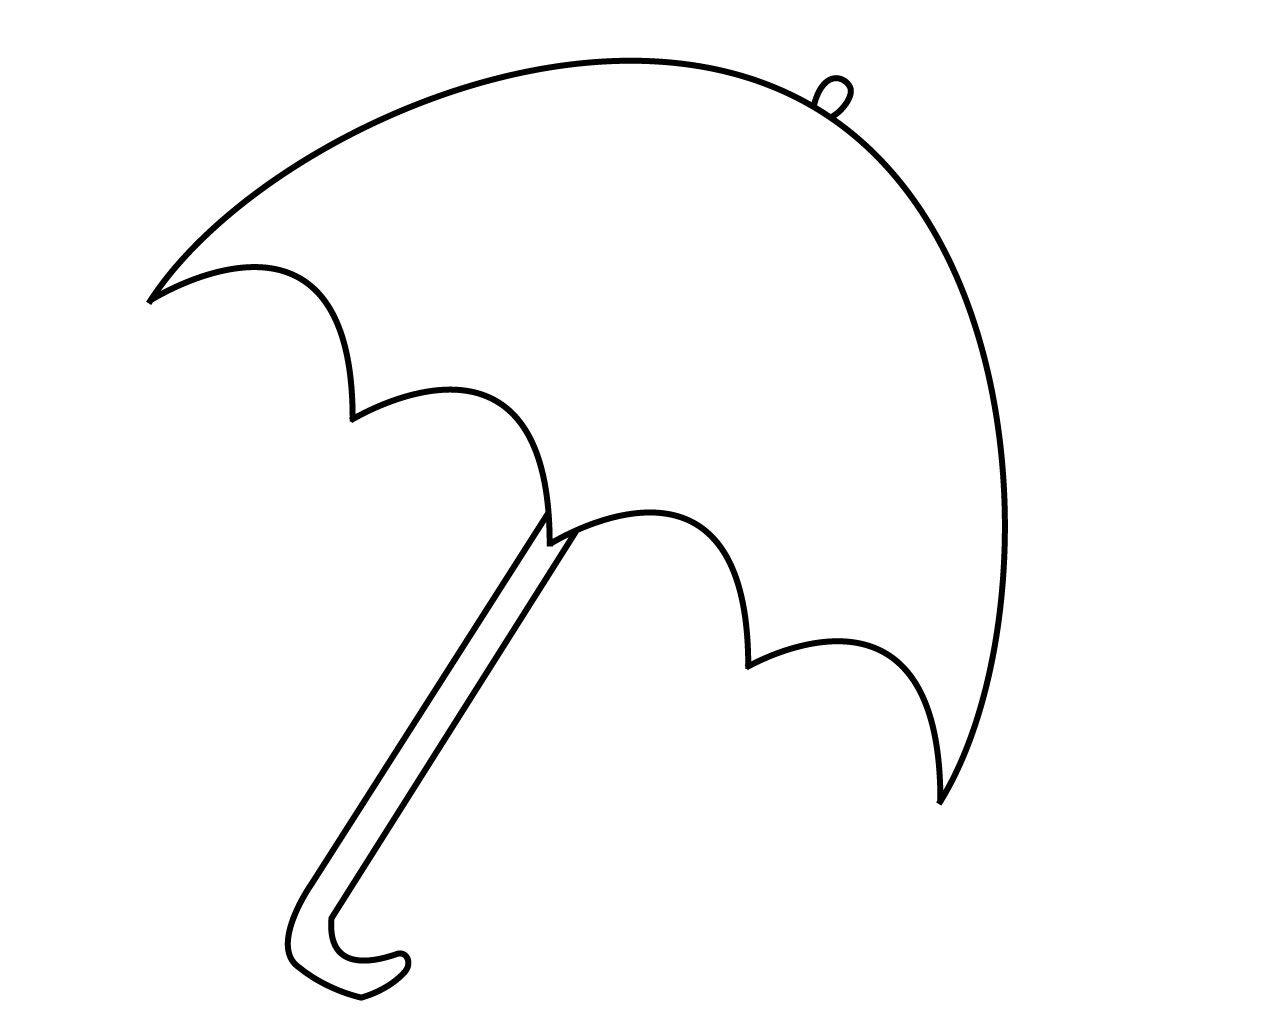 Umbrella Coloring Pages Preschool Umbrella Coloring Page Umbrella Coloring Pages